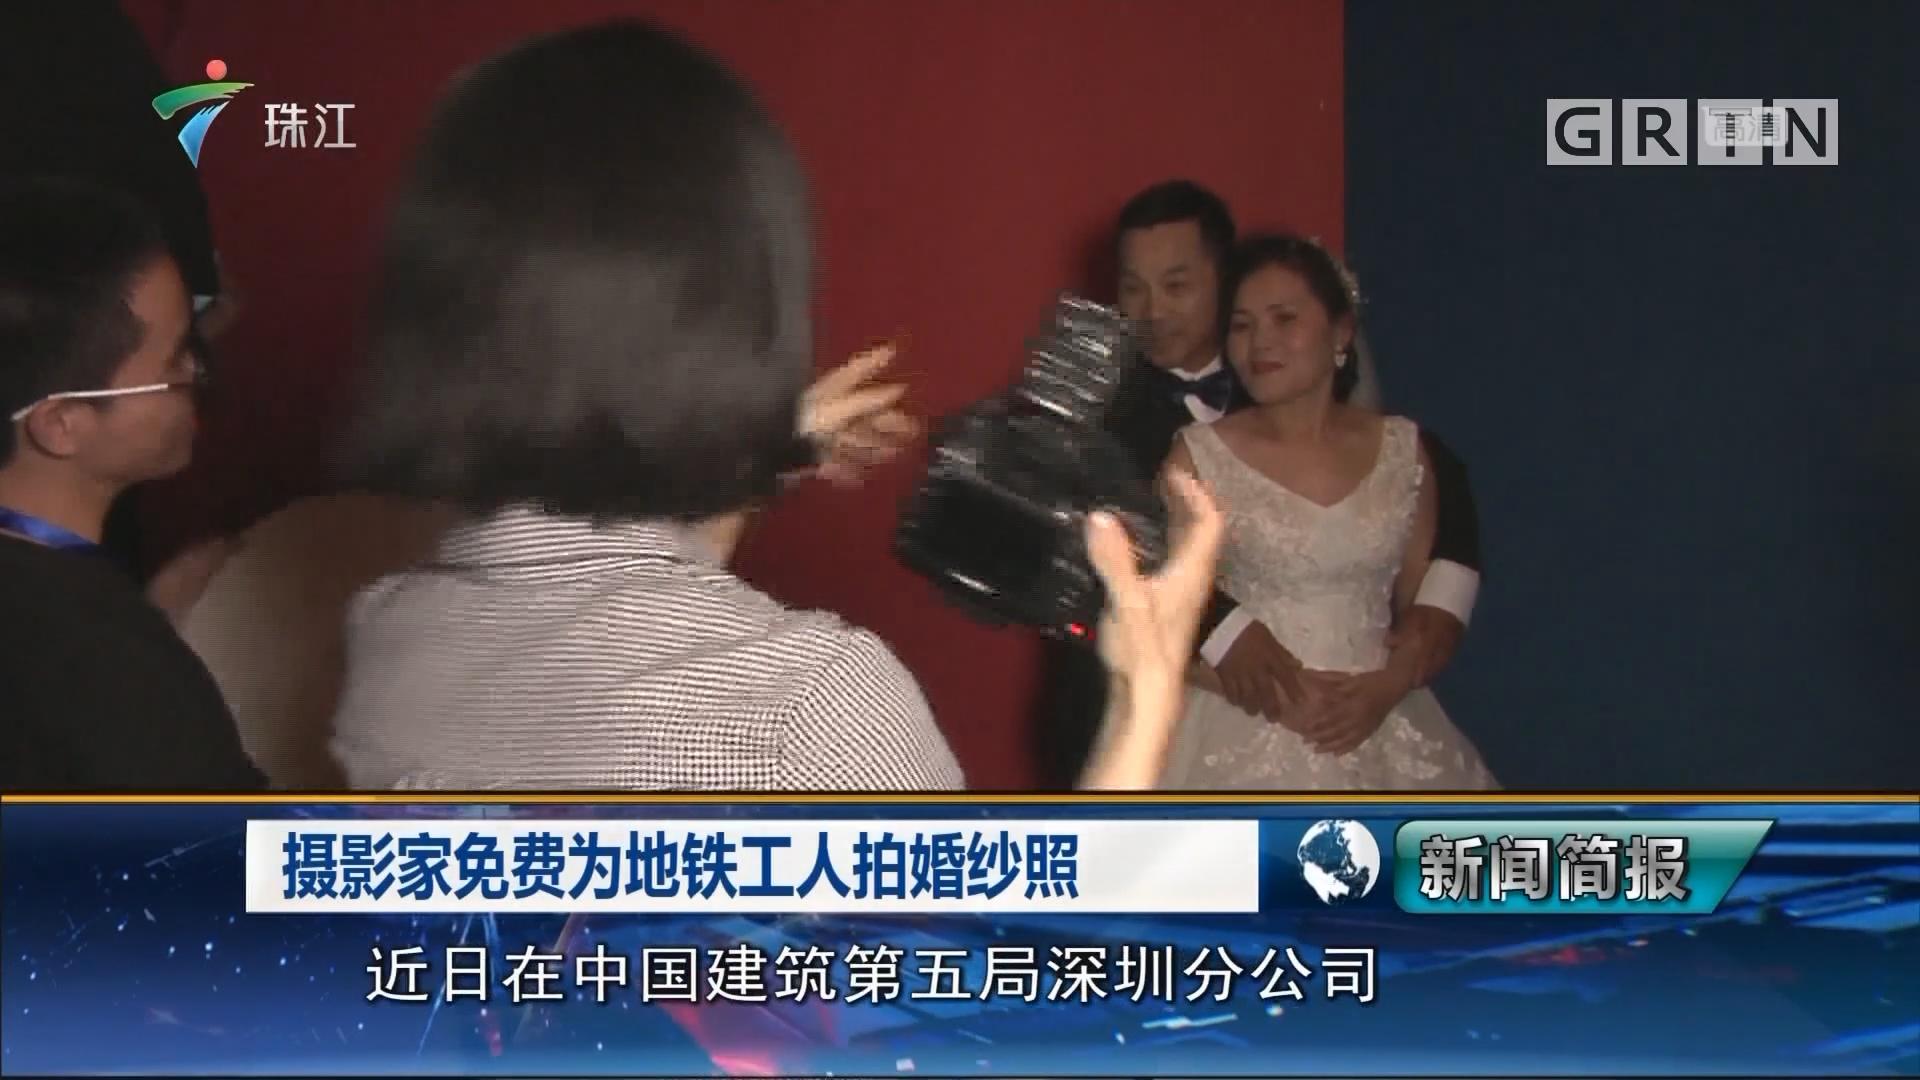 摄影家免费为地铁工人拍婚纱照